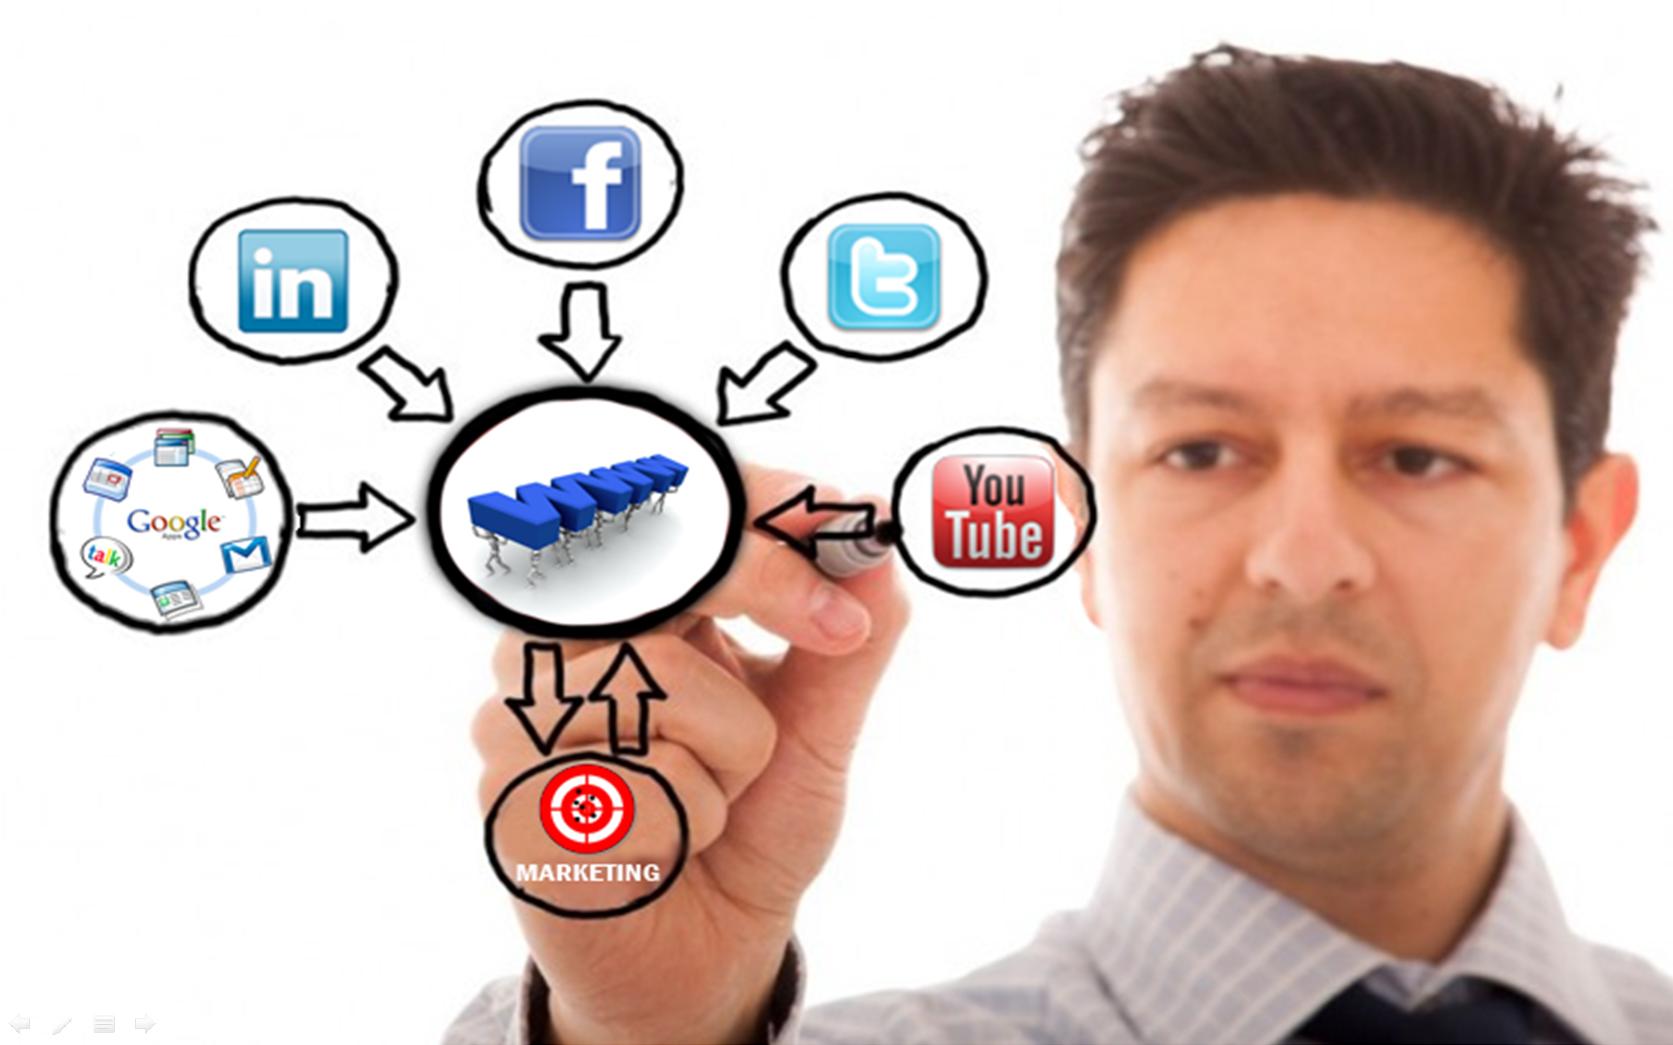 소셜미디어 담당자라면 매일 해야할 10가지 핵심 업무